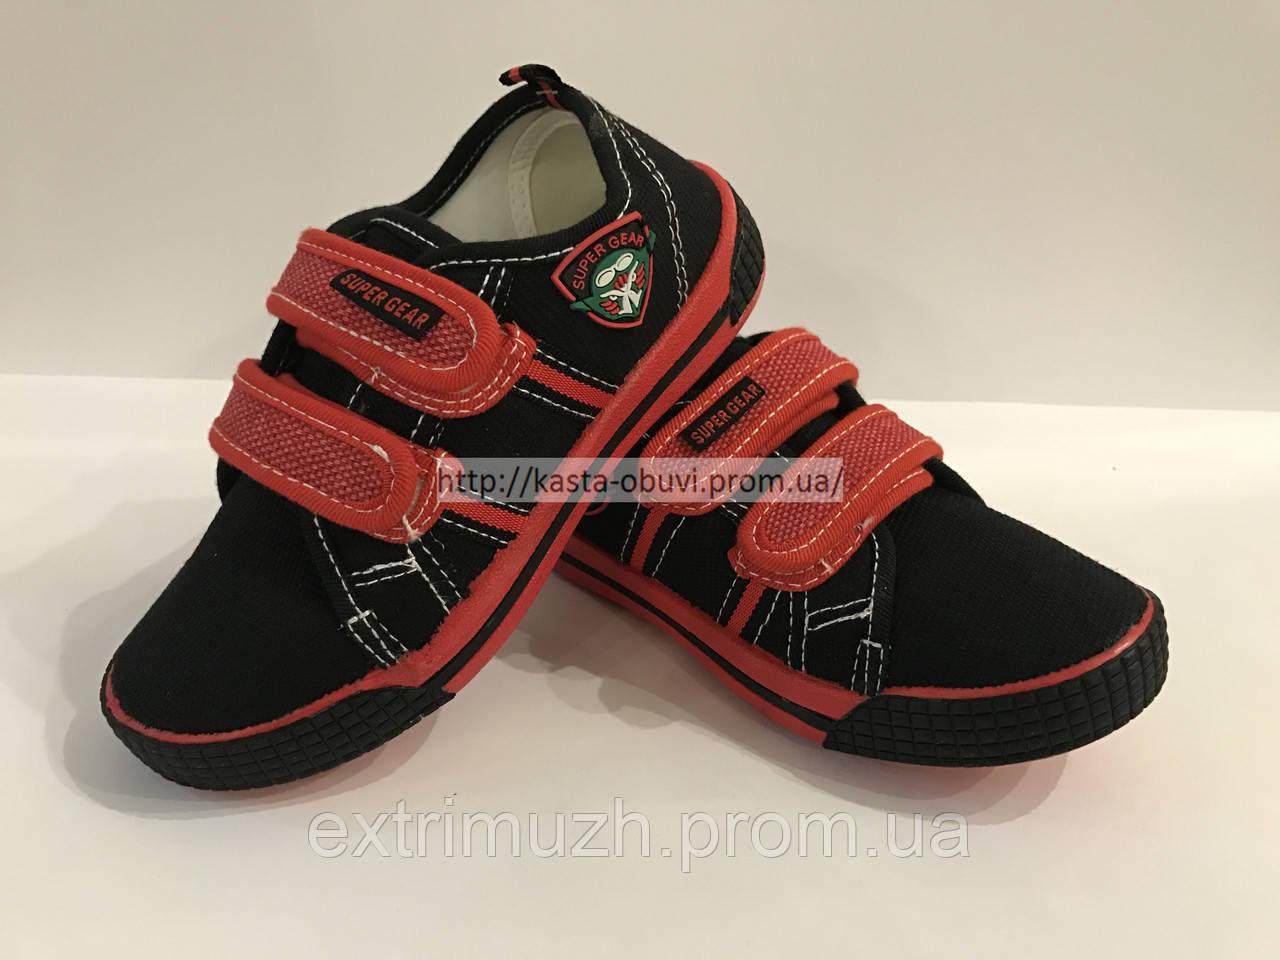 a4509461a Детская обувь на мальчика: продажа, цена в Хмельницком. кроссовки ...